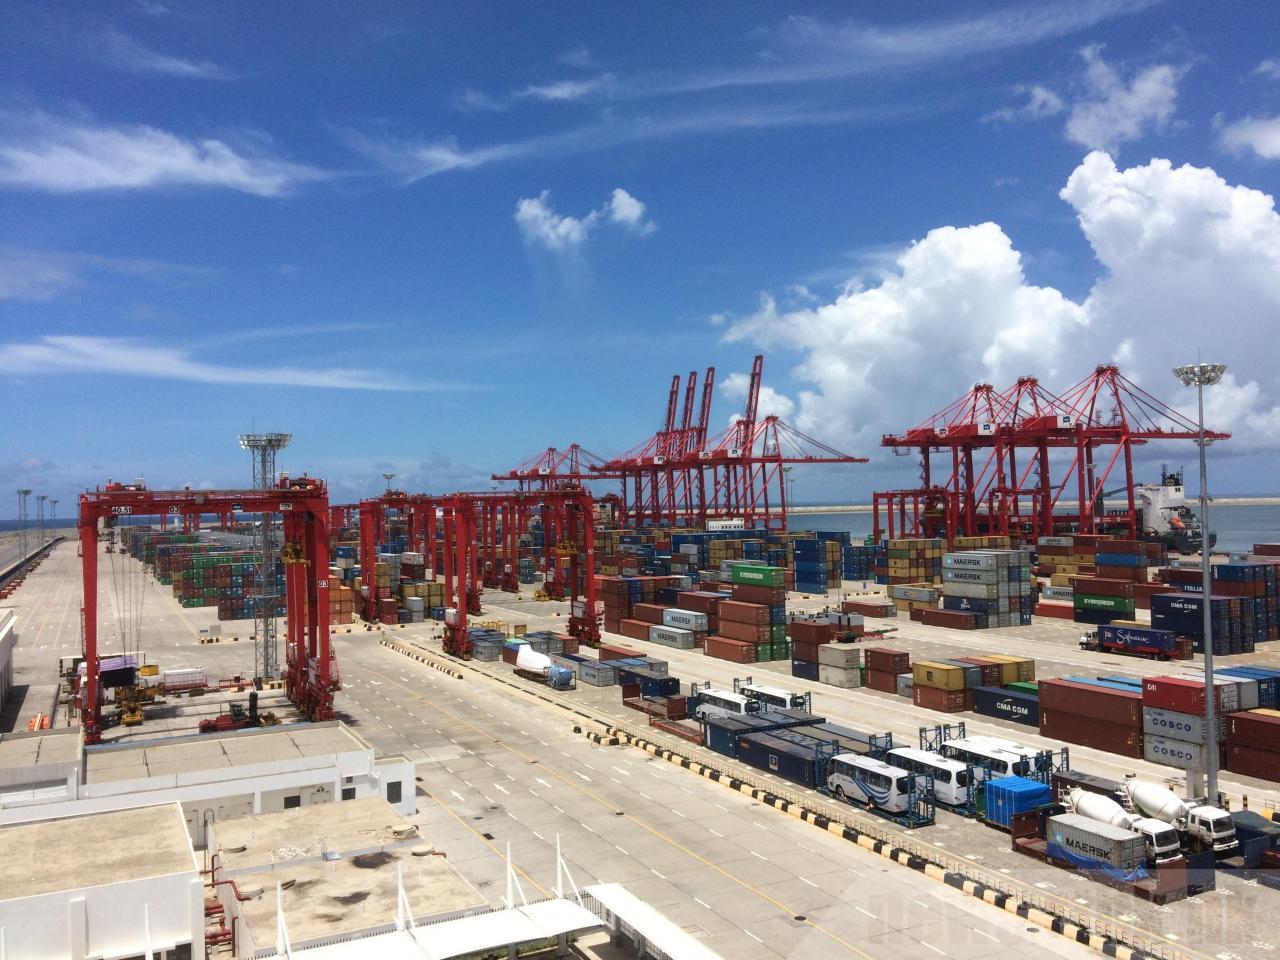 招商局港口(0144)正籌劃旗下附屬公司深圳赤灣港航股份的重大資產重組,或將刺激股價上揚。